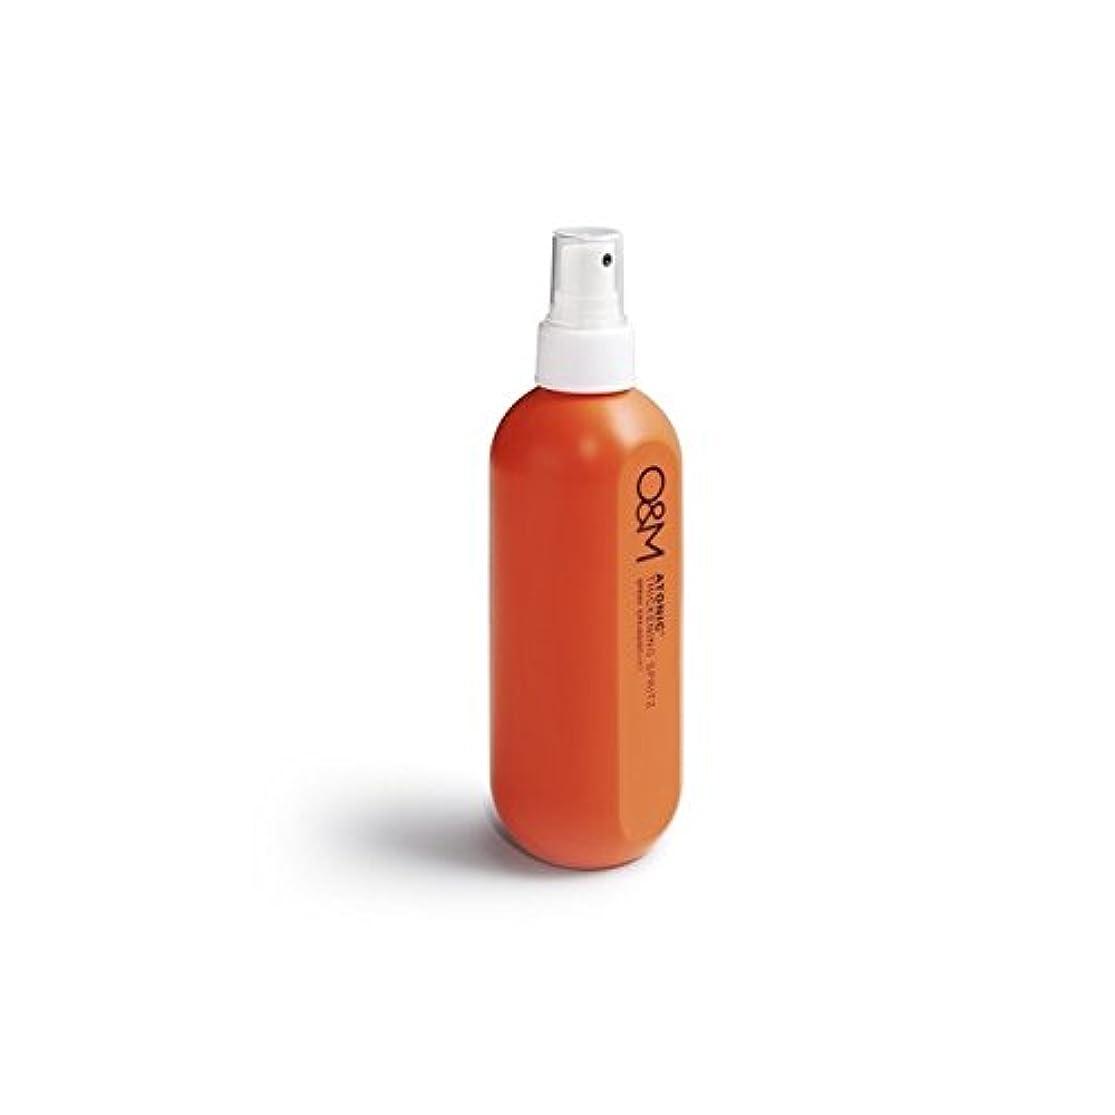 寄り添う鎮静剤しなやかオリジナル&ミネラル脱力増粘スプリッツ(250ミリリットル) x2 - Original & Mineral Atonic Thickening Spritz (250ml) (Pack of 2) [並行輸入品]